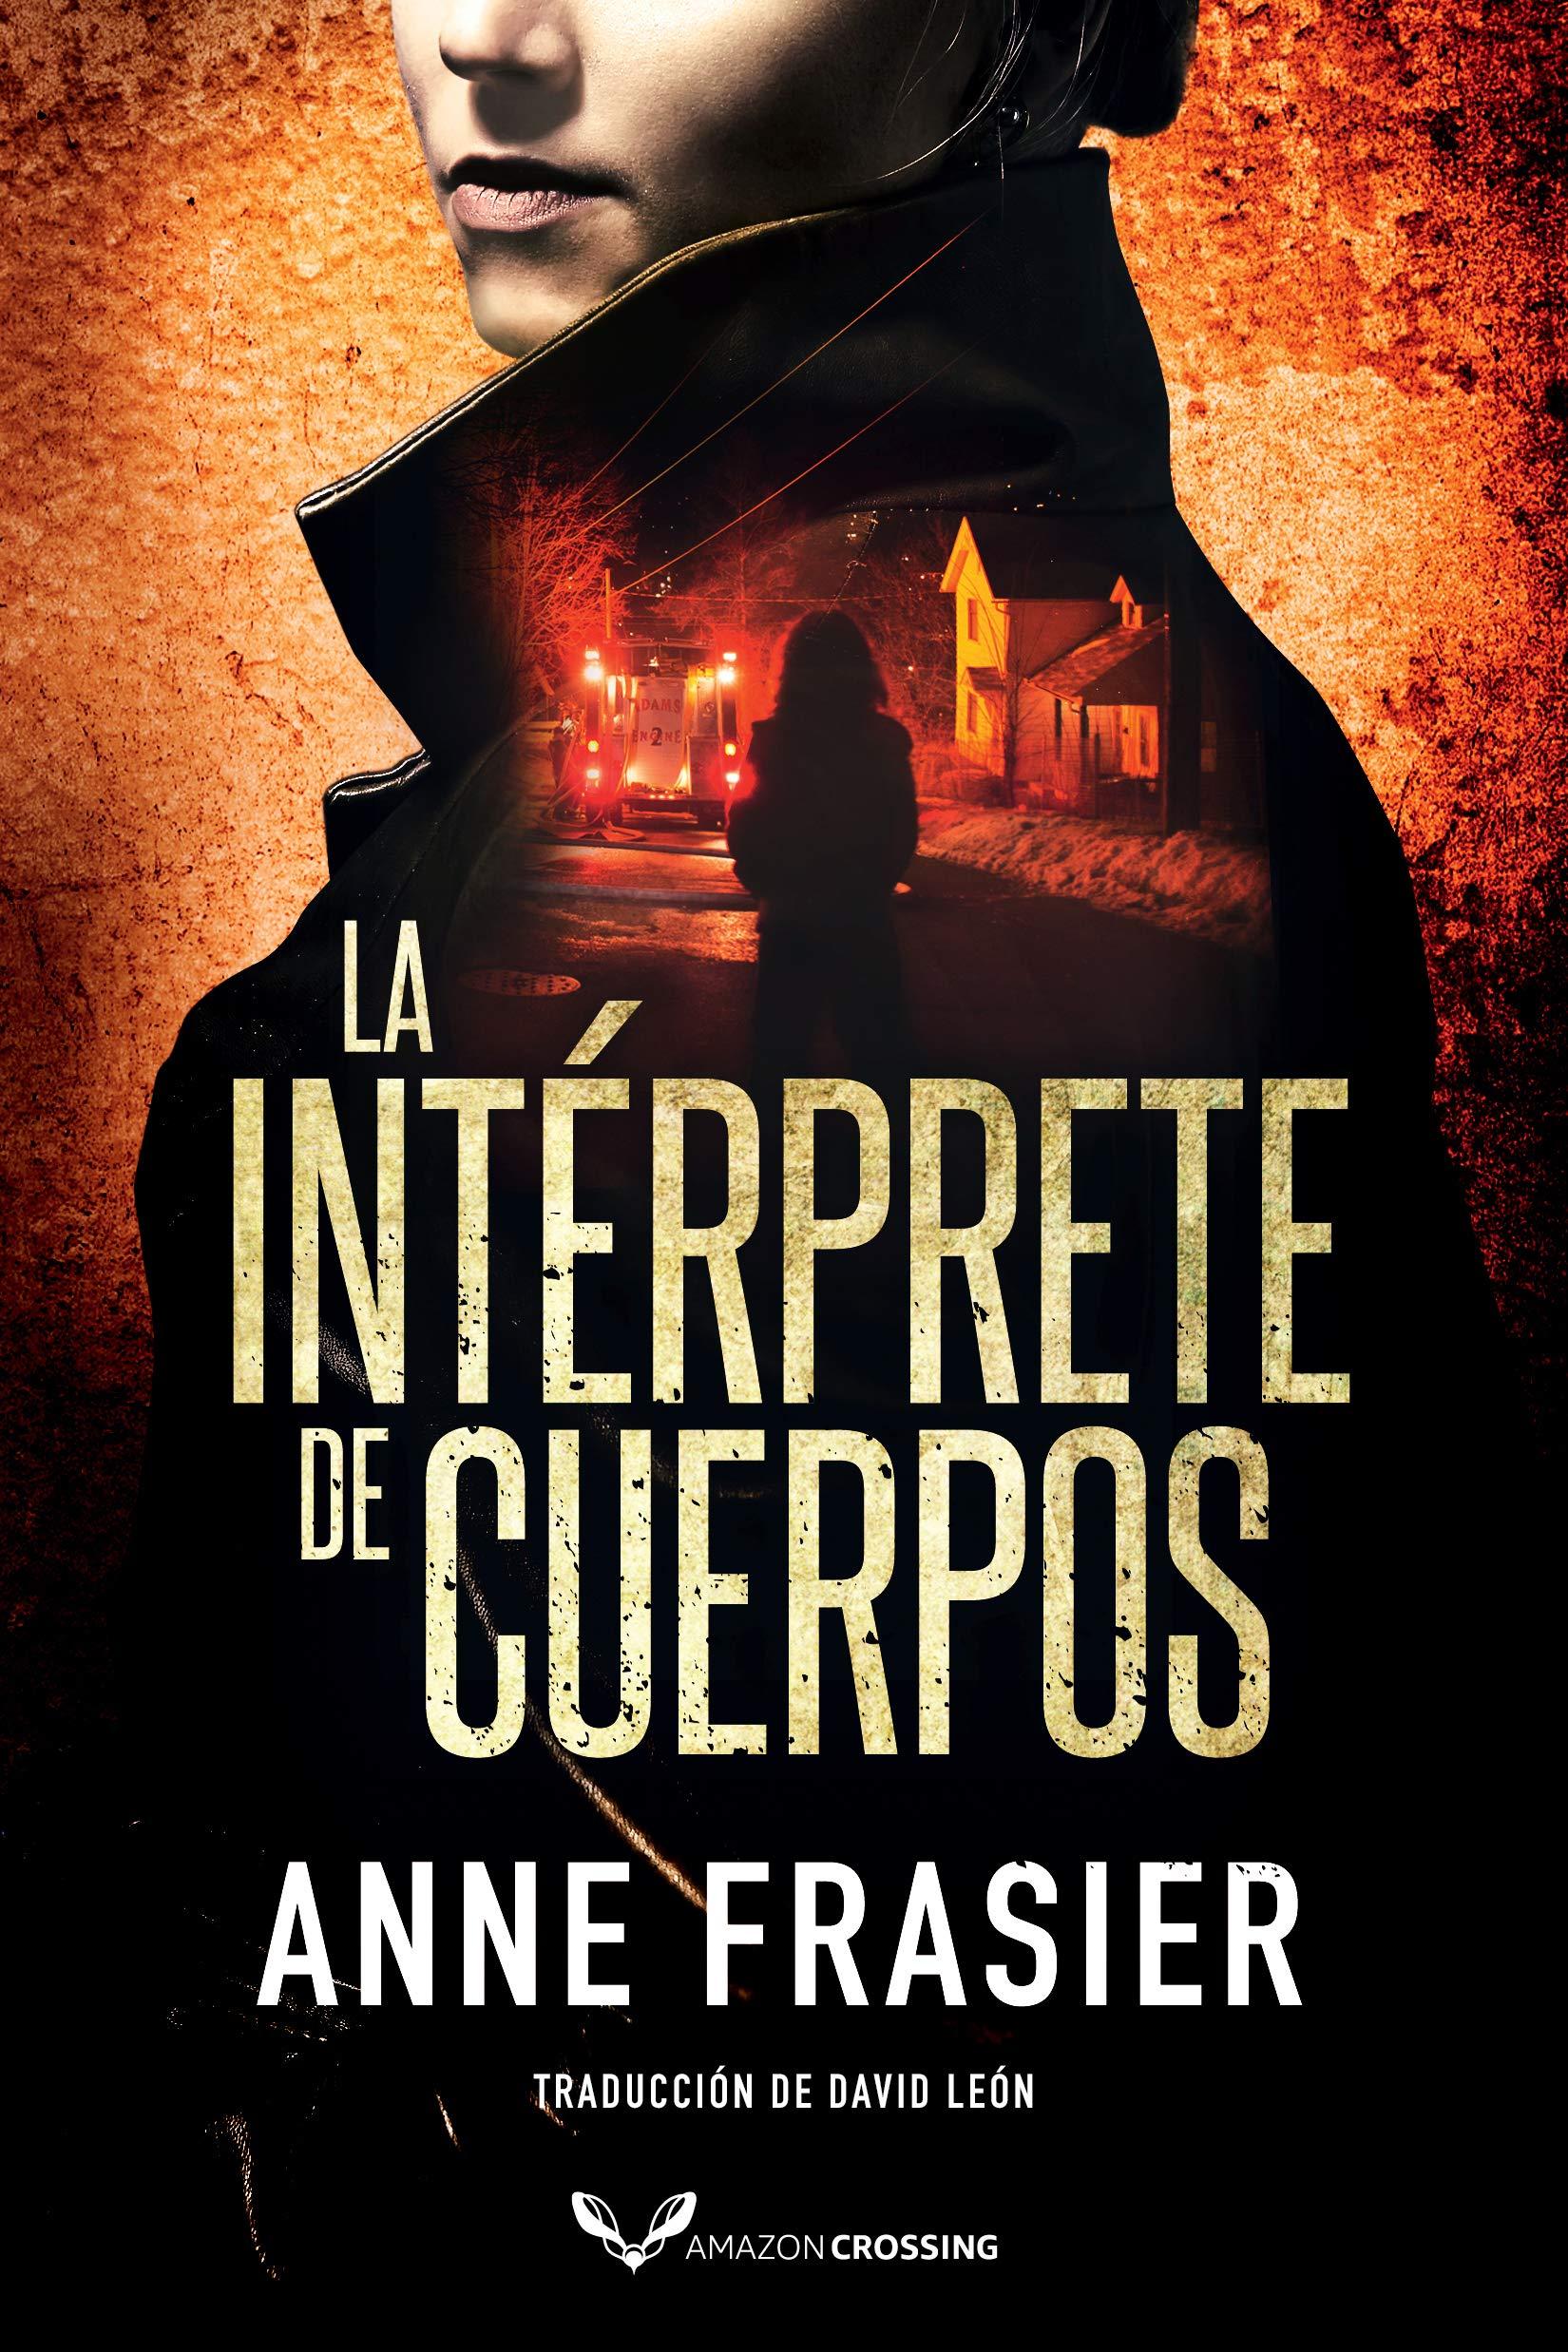 ANNE FRASIER E-BOOKS